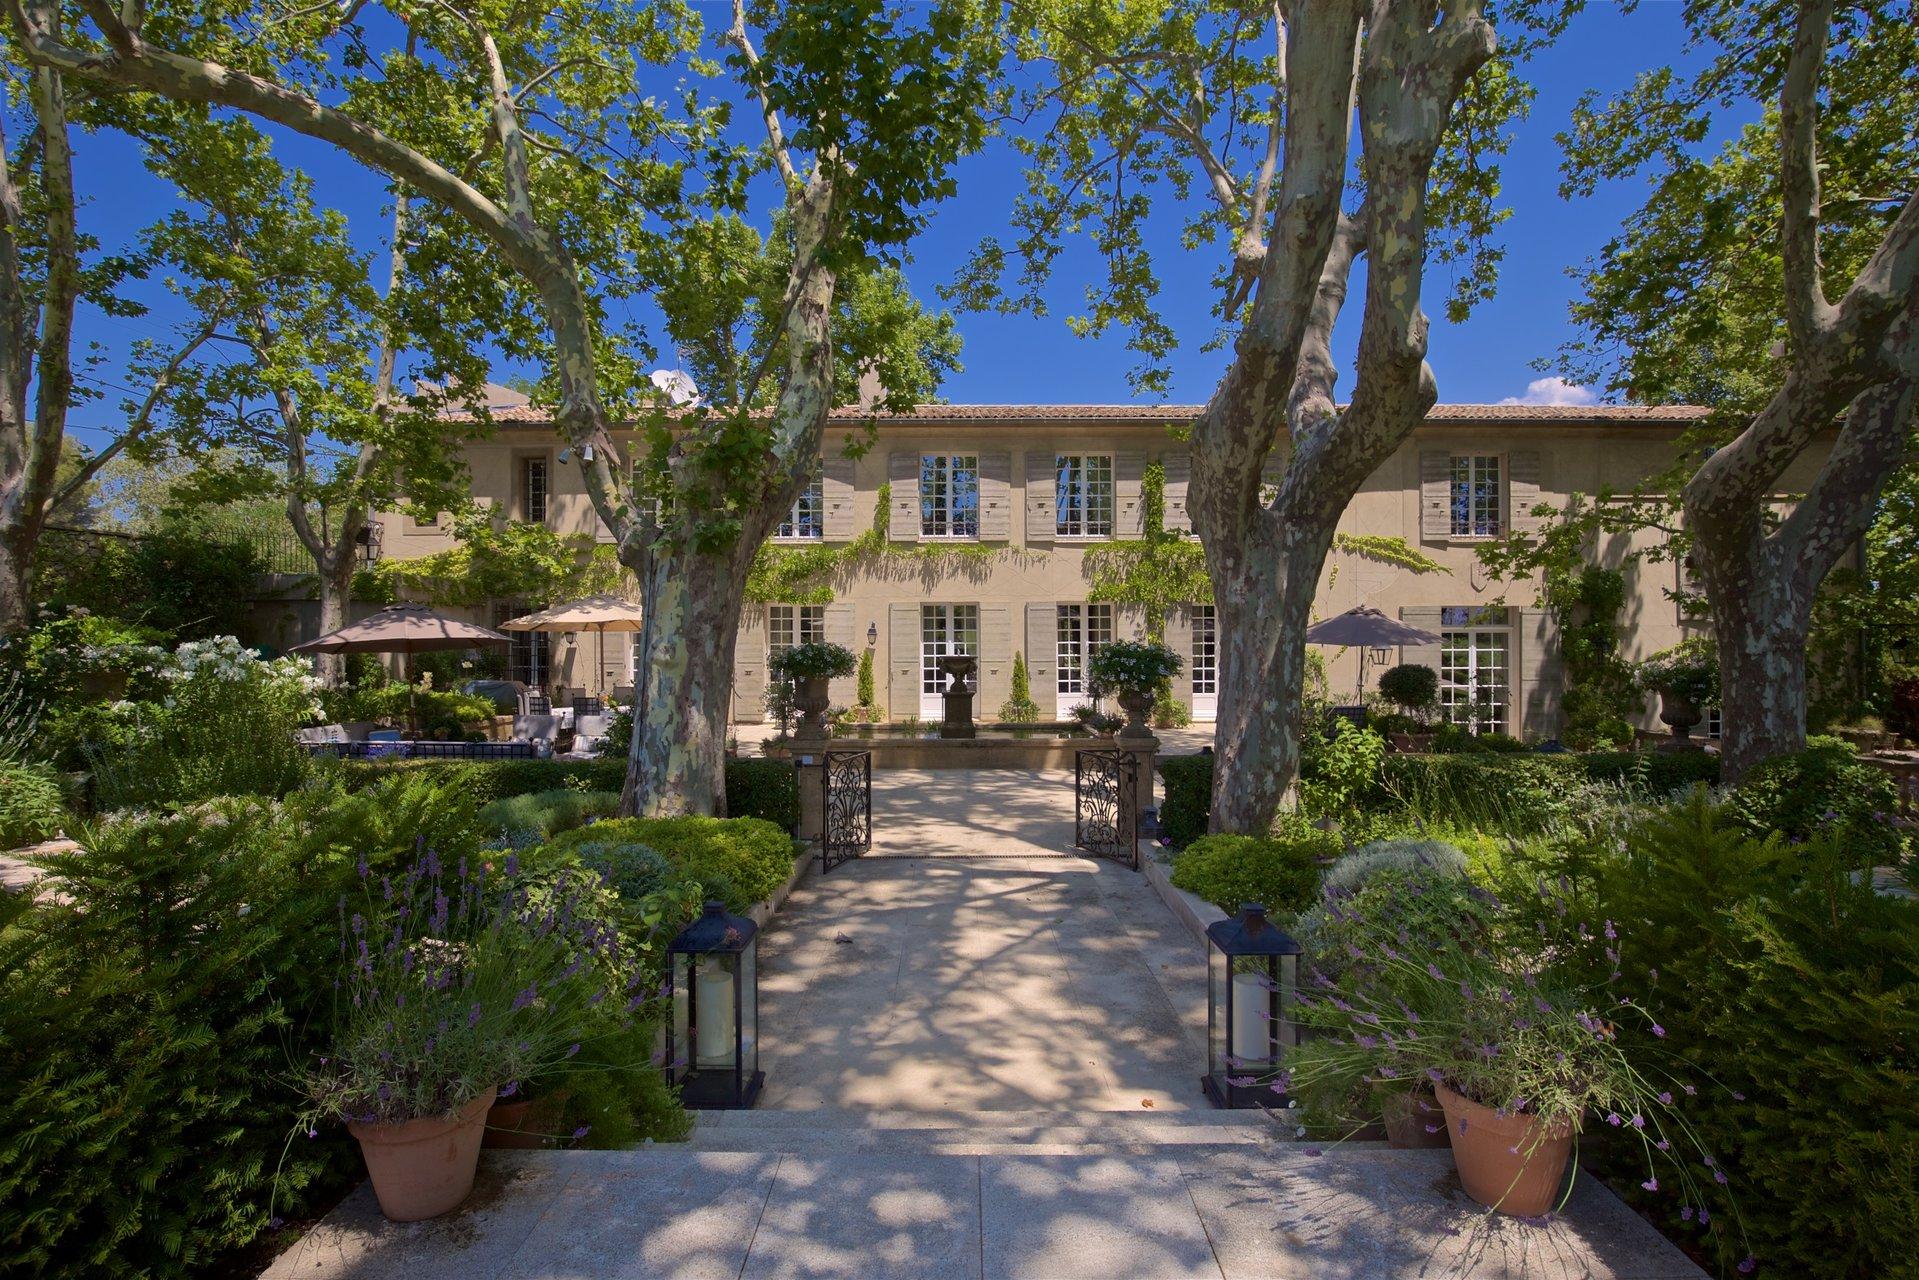 Villas for Sale - PL002